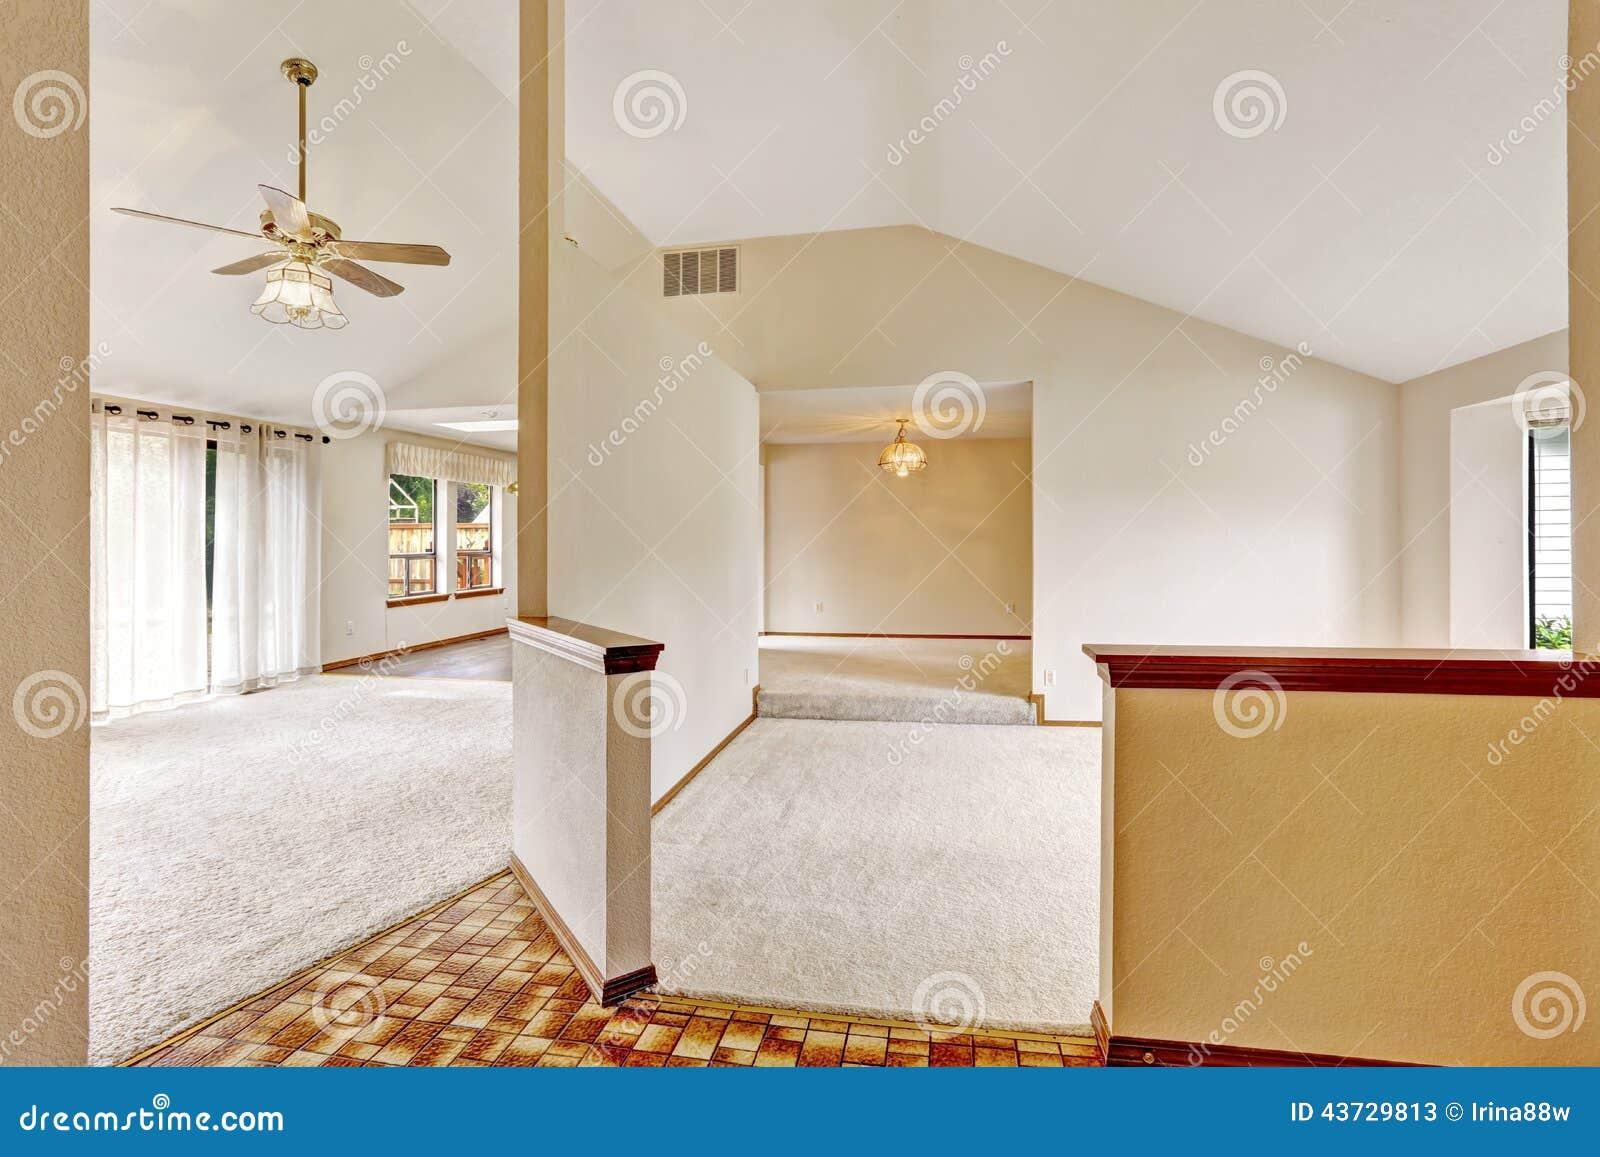 Open floor plan in empty house with vaulted ceiling stock for Open floor plans with vaulted ceilings